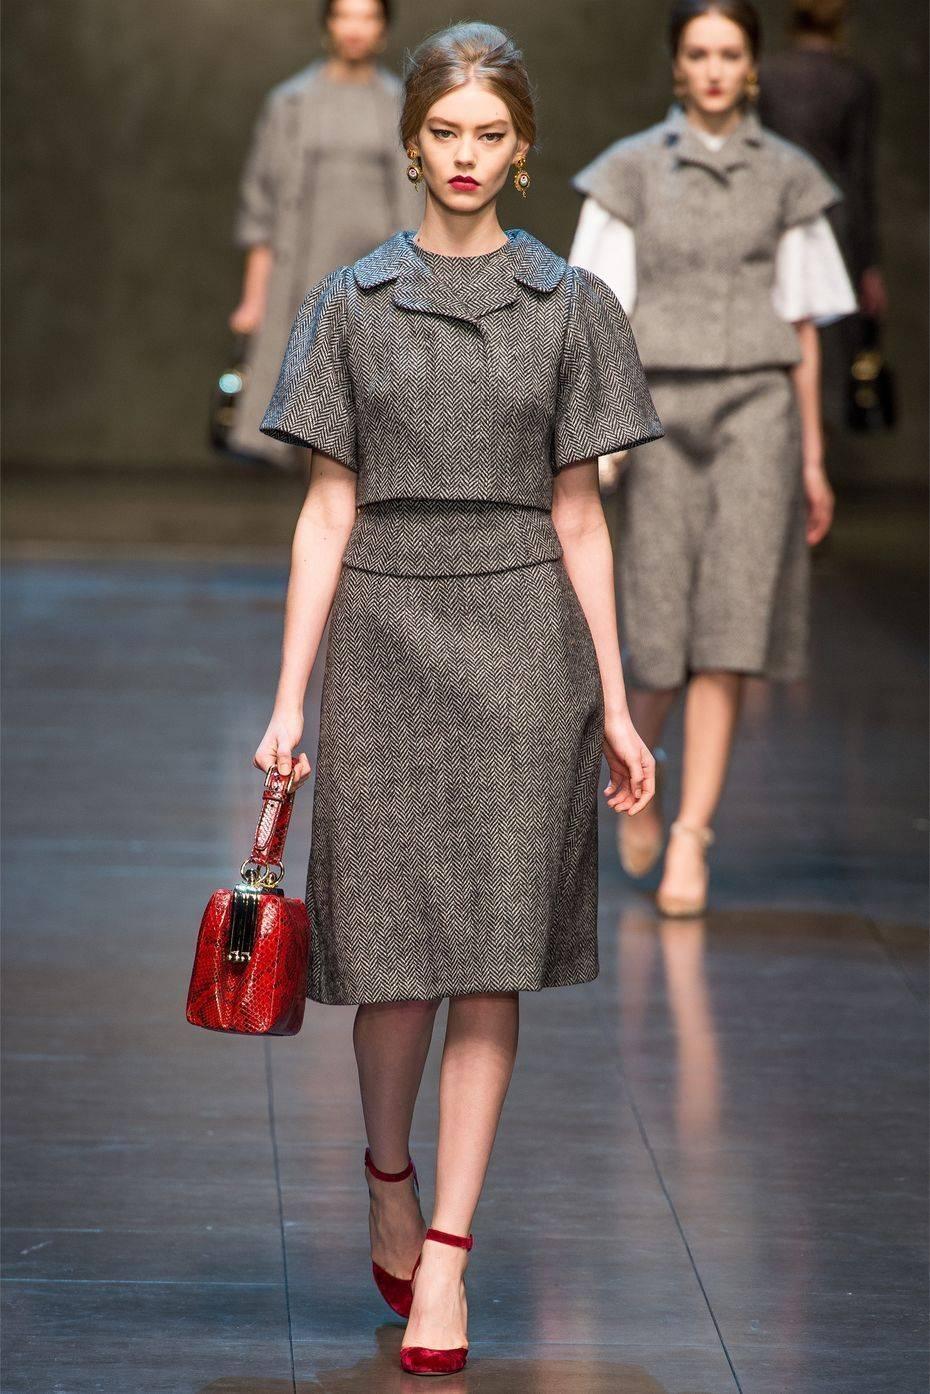 Мода 2017 Модные тенденции Осень 2017 фото цвет одежда